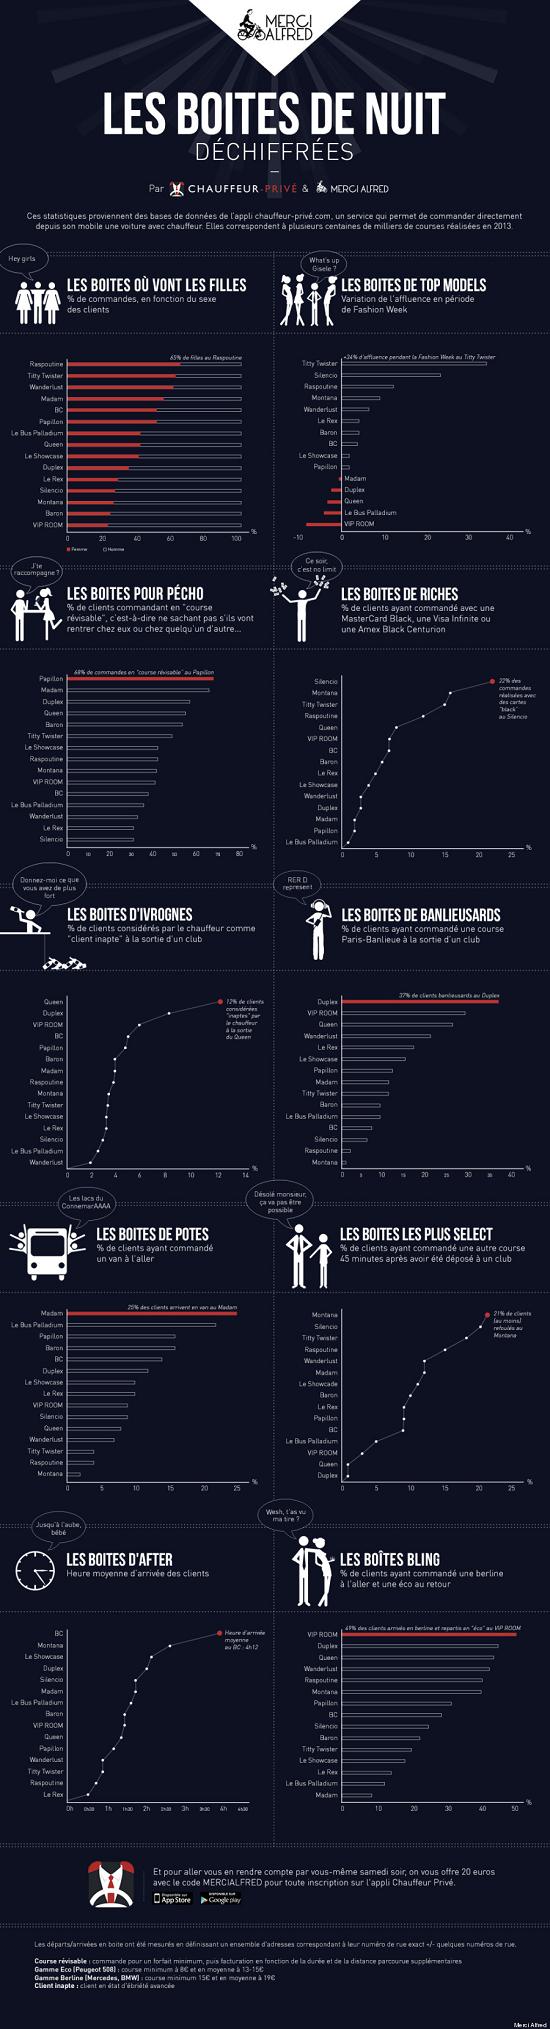 OU SORTIR DRAGUER BOITES DE NUIT PARIS Où sortir à Paris pour draguer : les boîtes de nuit déchiffrées